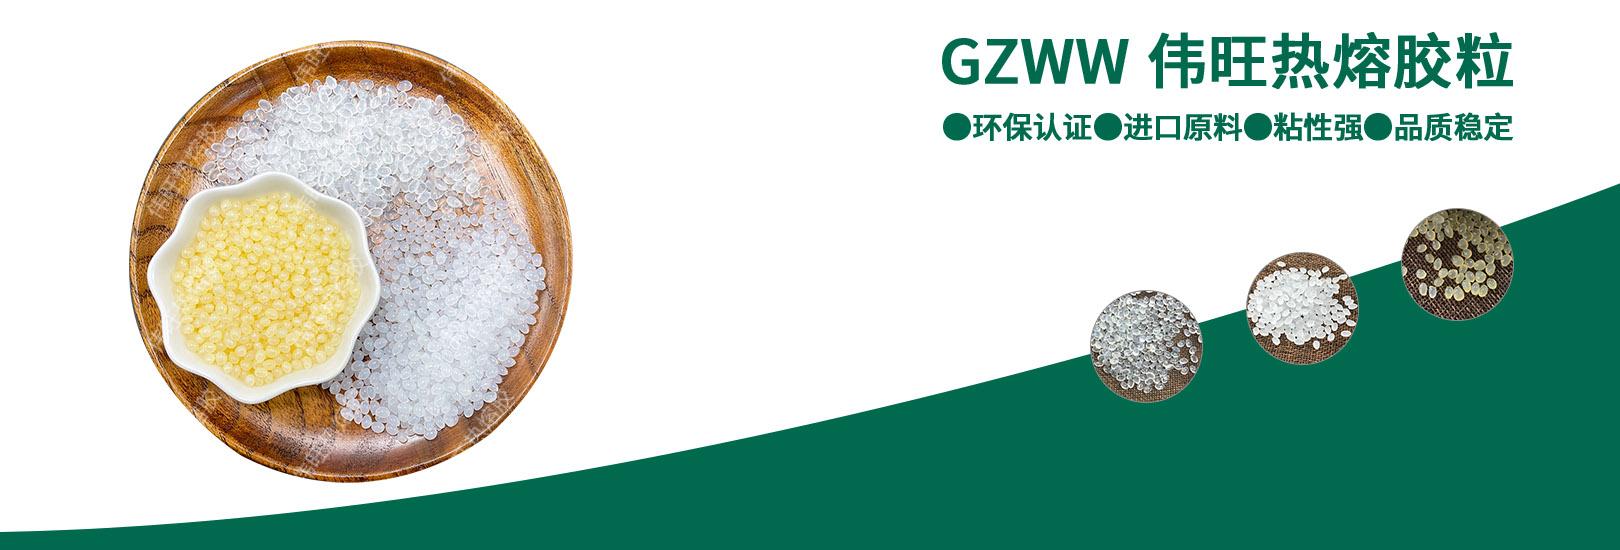 GZWW伟旺热熔胶粒